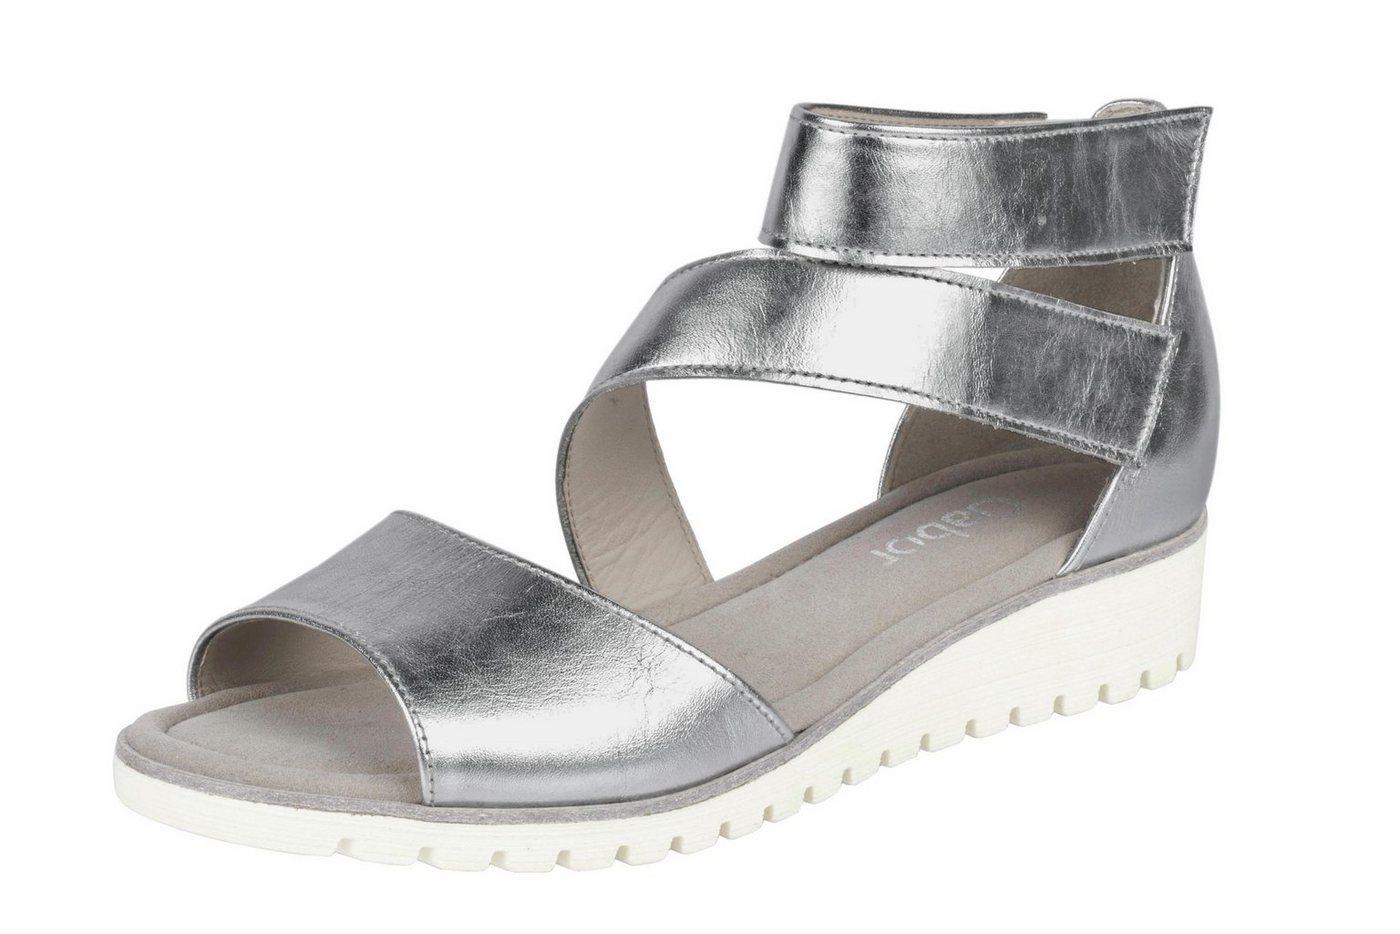 GABOR Sandalette mit Glanzeffekt   Schuhe > Sandalen & Zehentrenner > Sandalen   Ca   Gabor